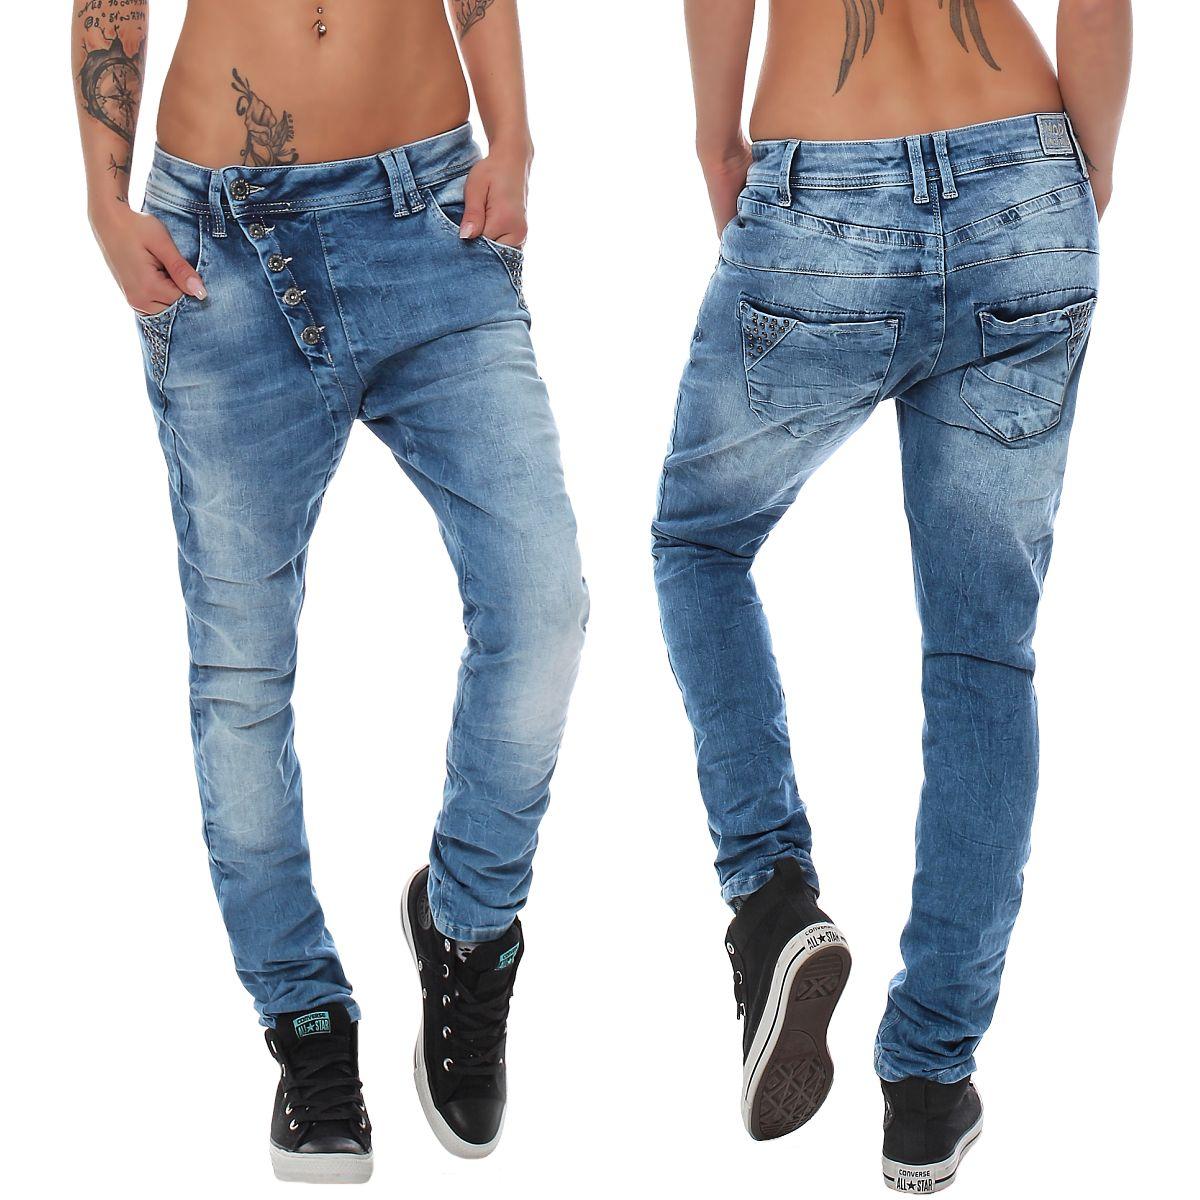 m o d damen boyfriend jeans linda forever blue damenjeans damenhose jeanshose ebay. Black Bedroom Furniture Sets. Home Design Ideas